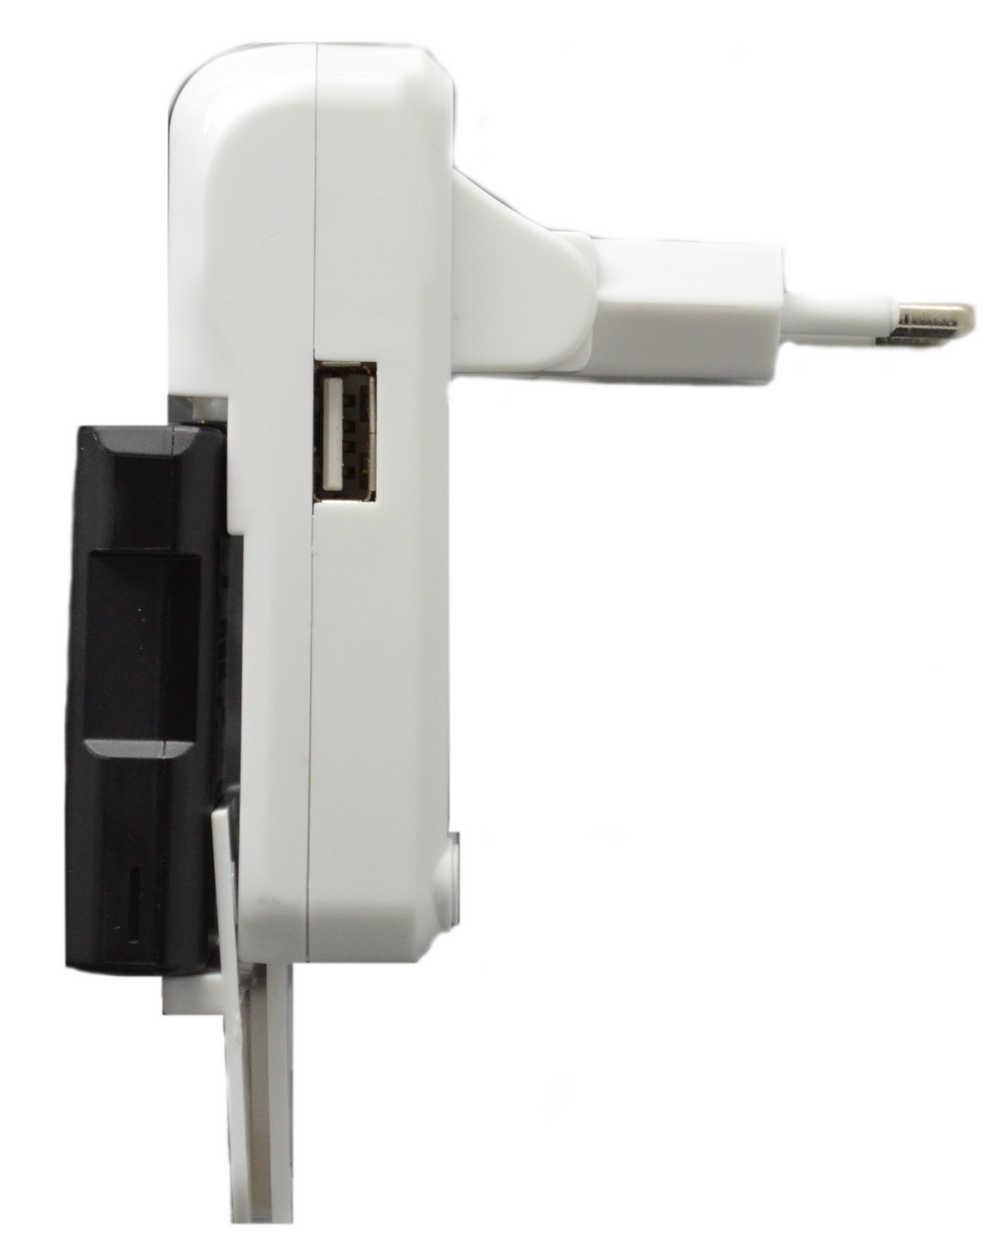 Φορτιστής Μπαταριών Κάμερας - Κινητών Goop Universal GD-925U με Οθόνη και Usb Θύρα